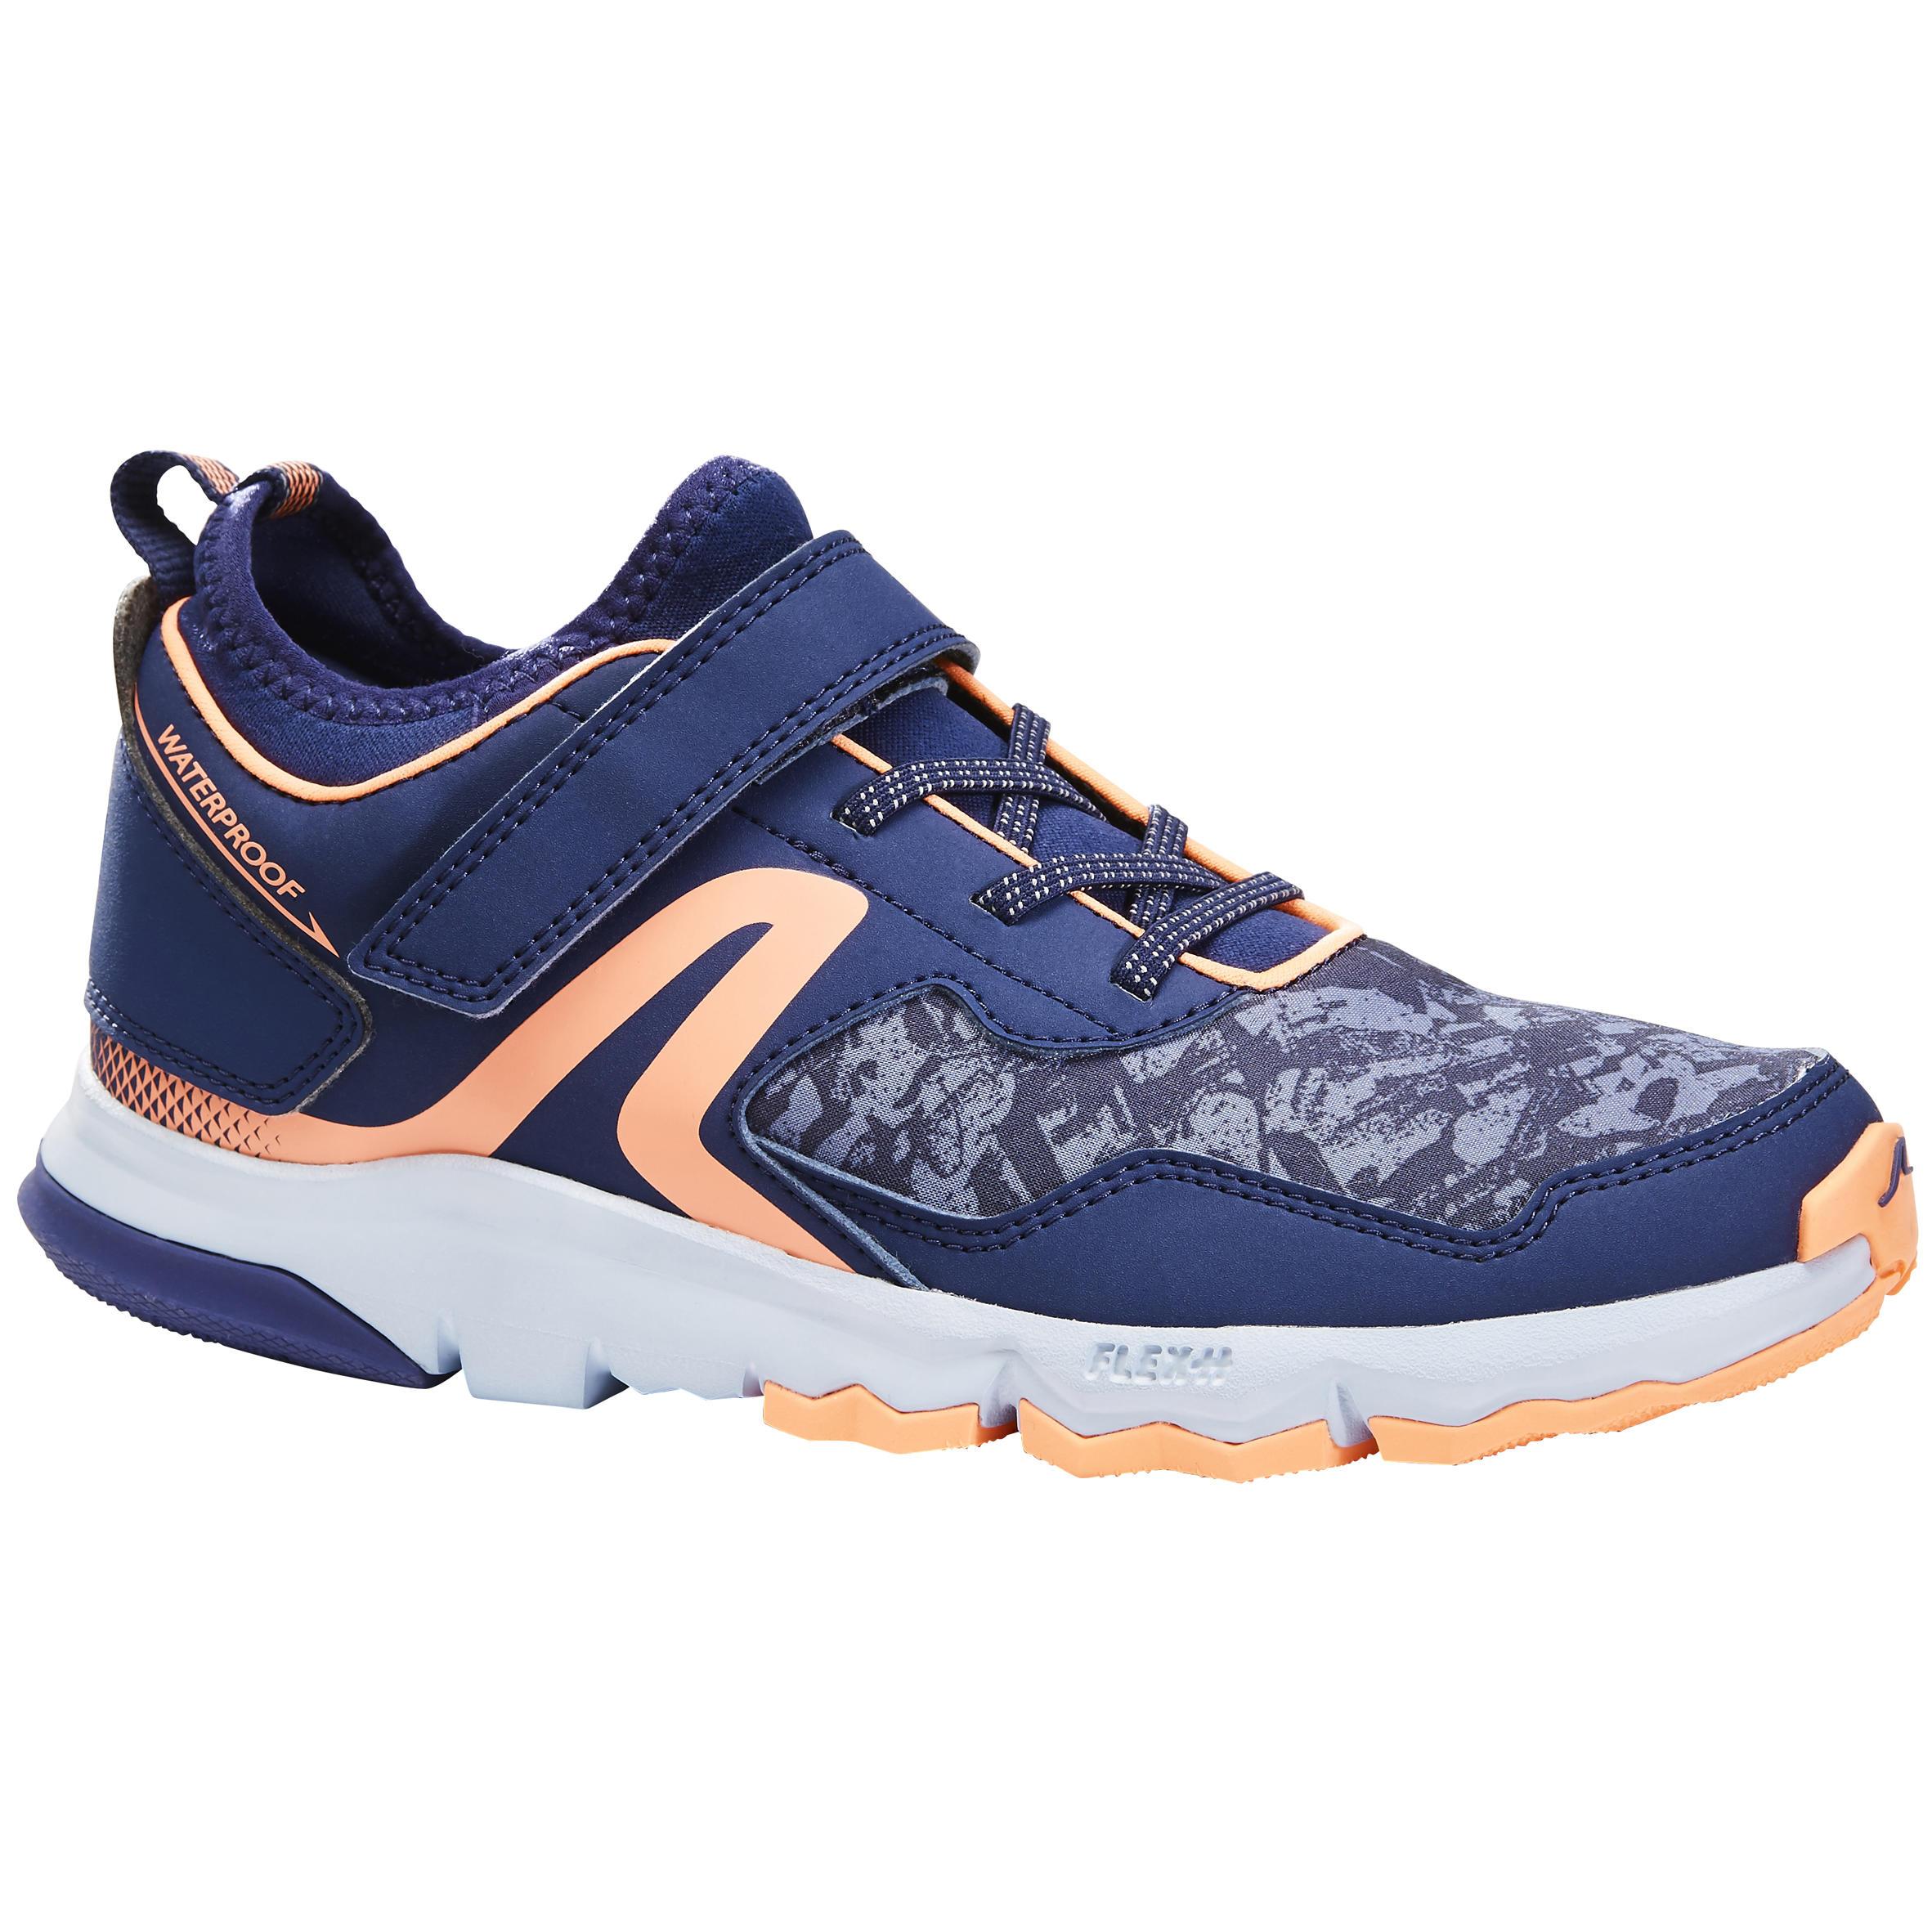 Newfeel Nordic walking schoenen voor kinderen NW 580